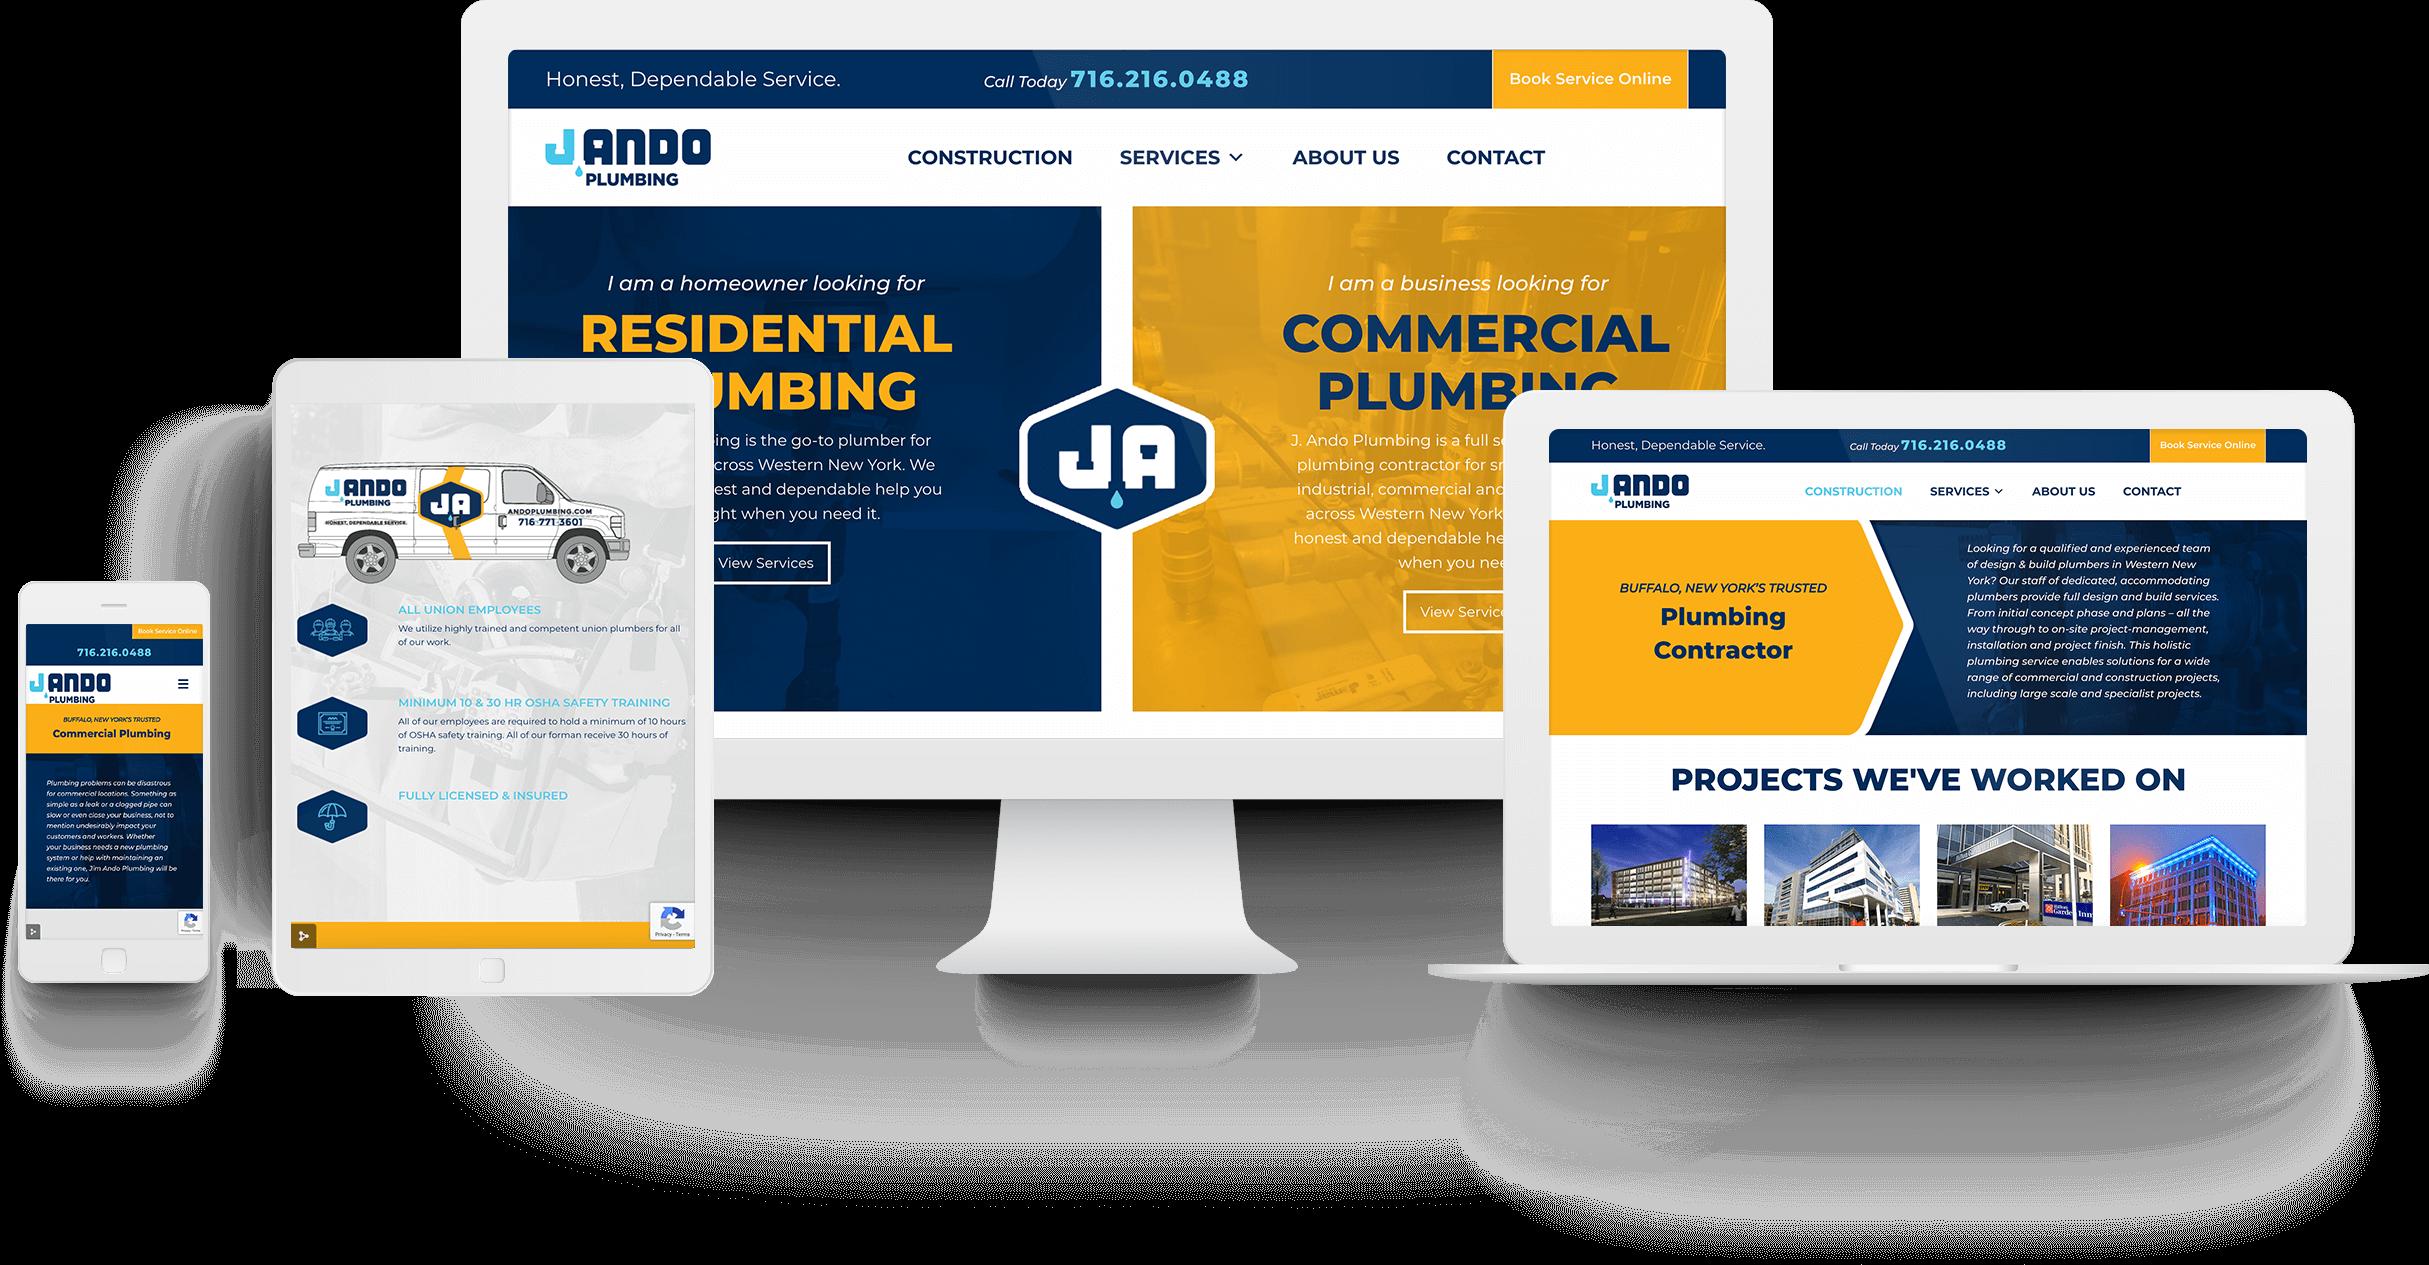 J. Ando Website Design